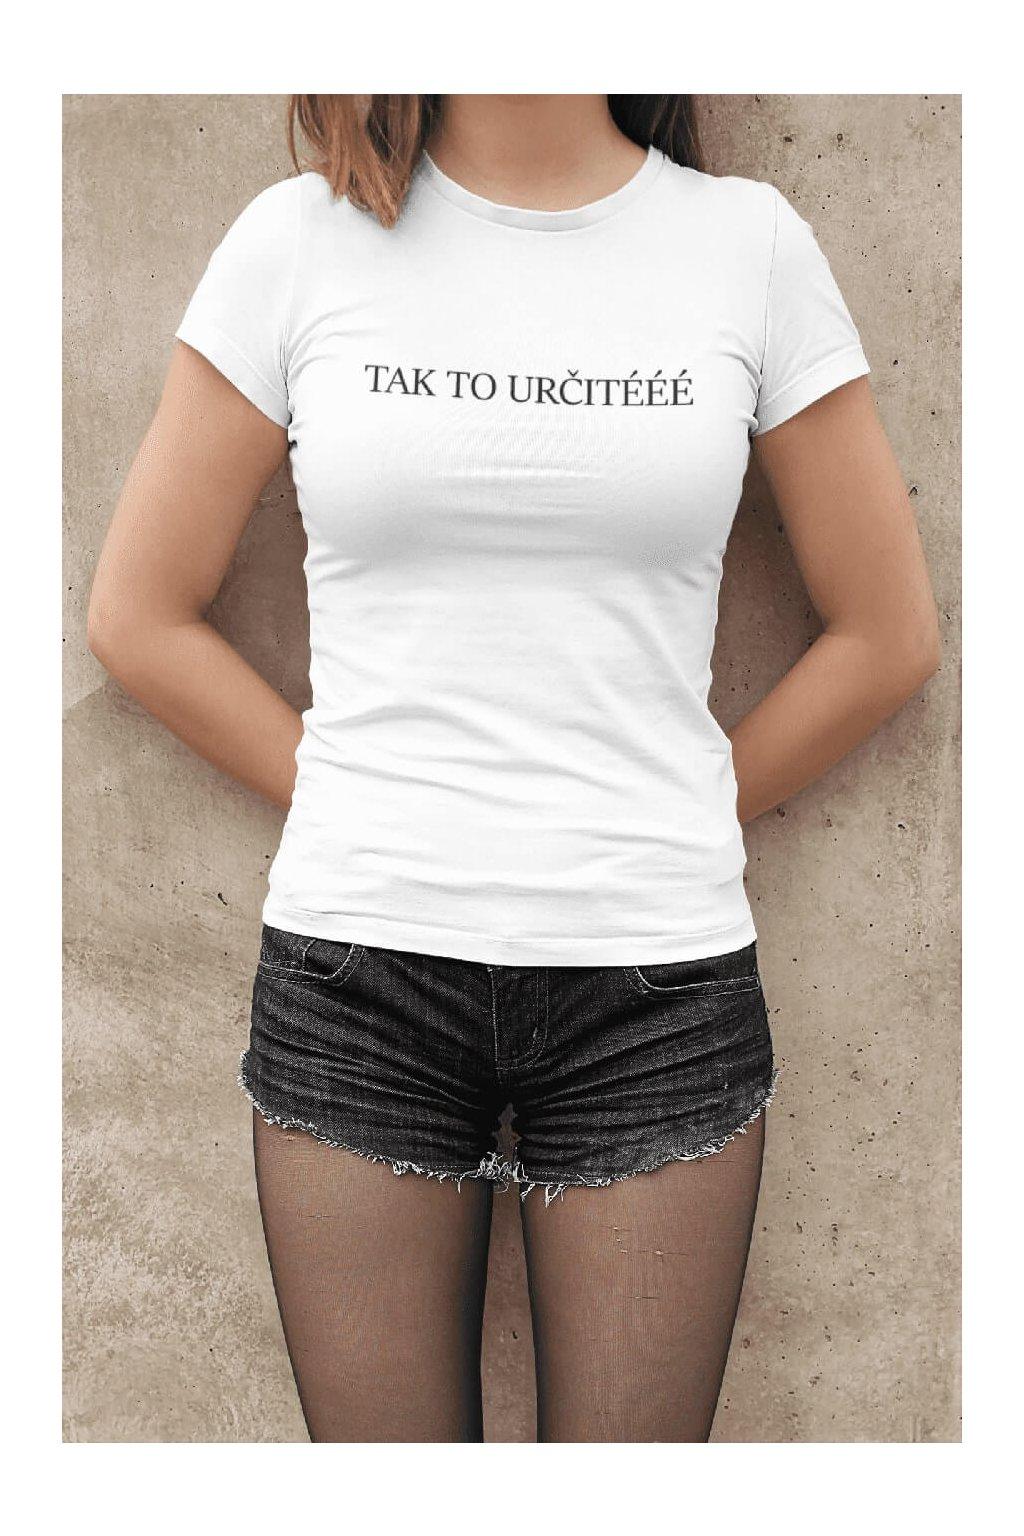 Dámske tričko Tak určité